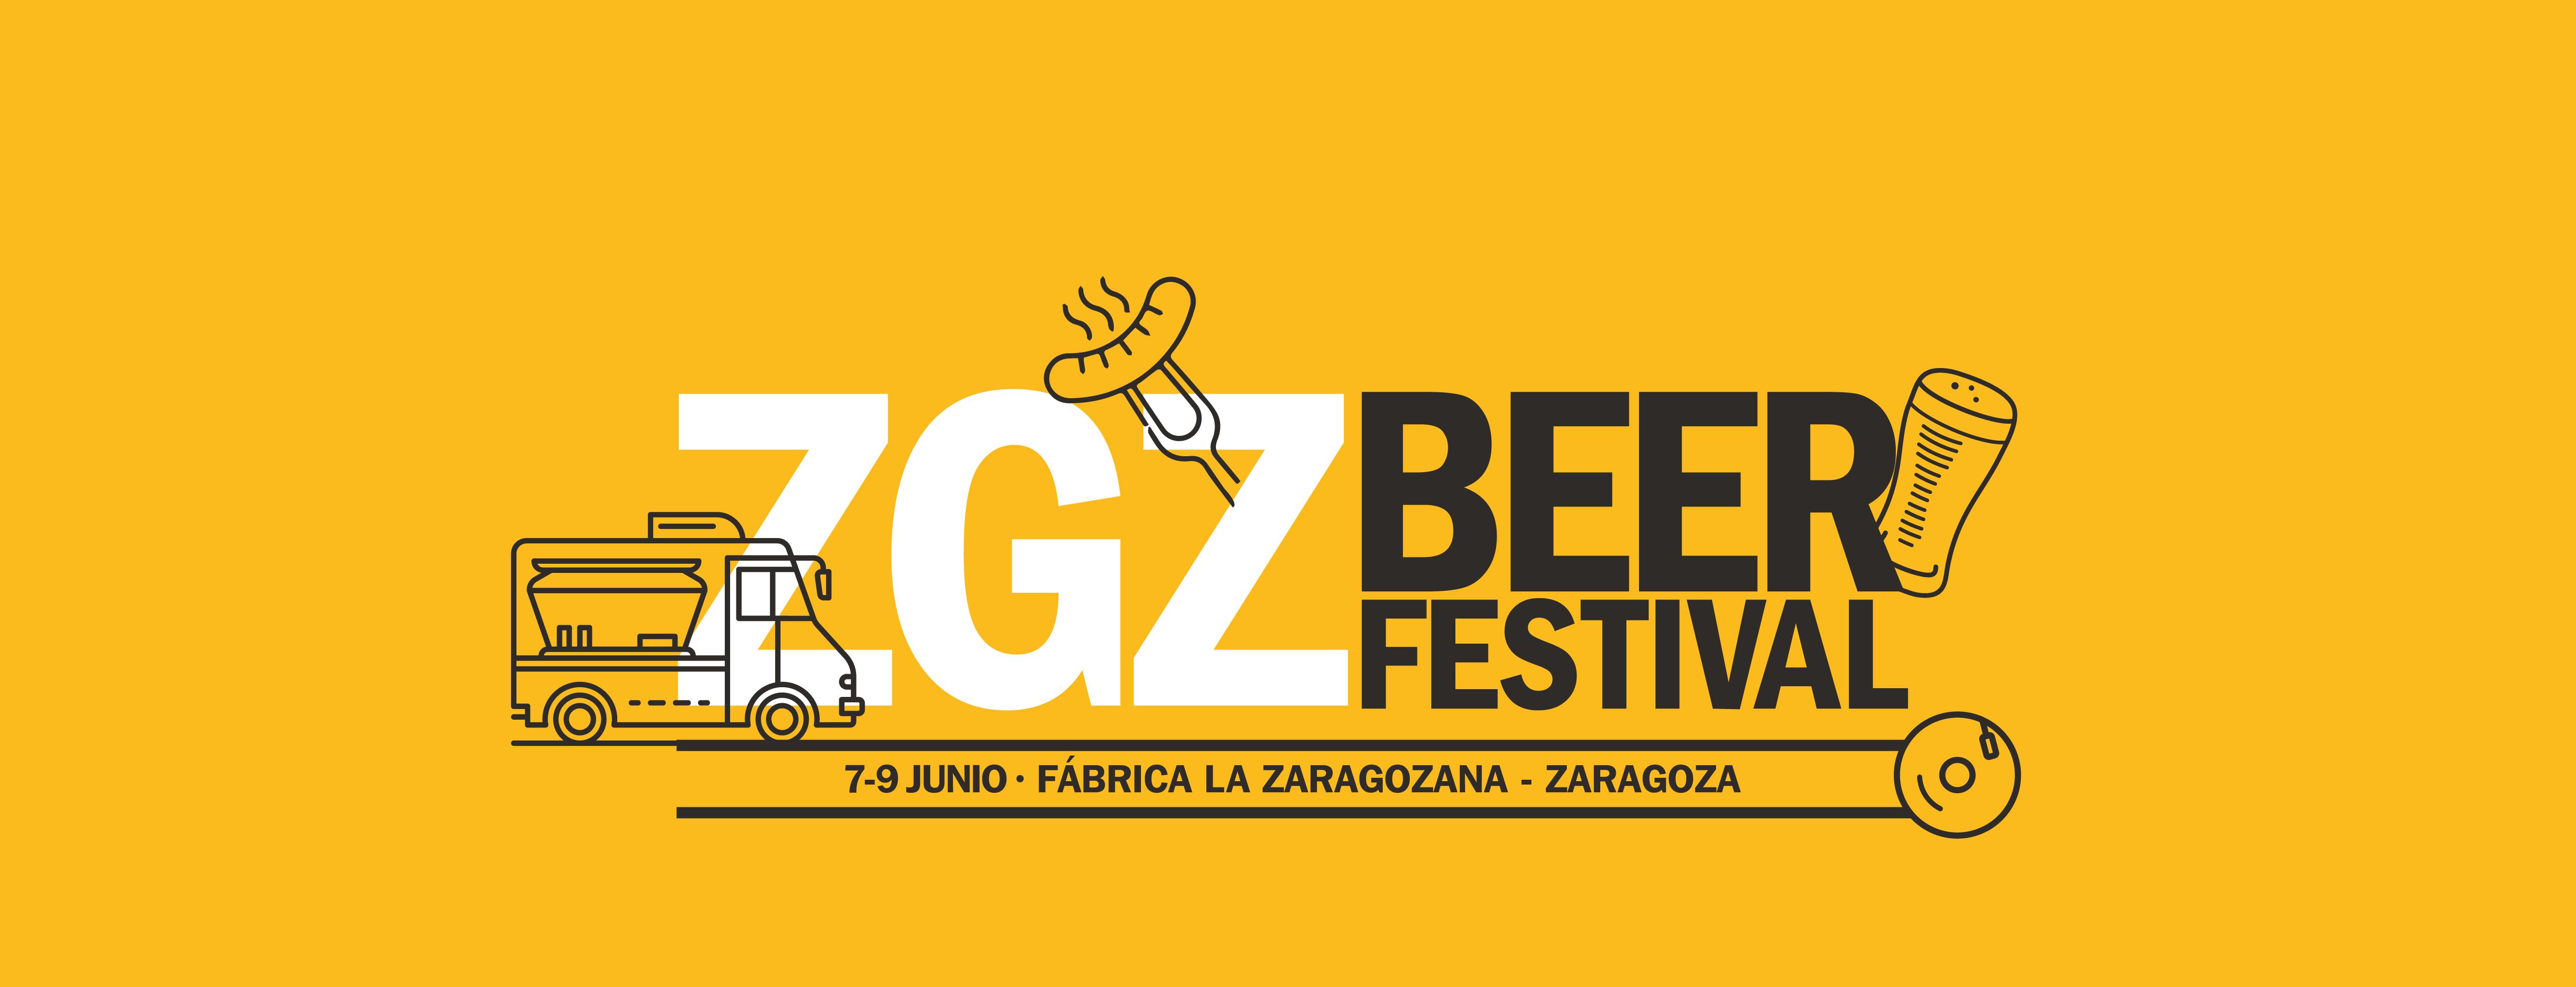 ZGZ BEER FESTIVAL cabecera